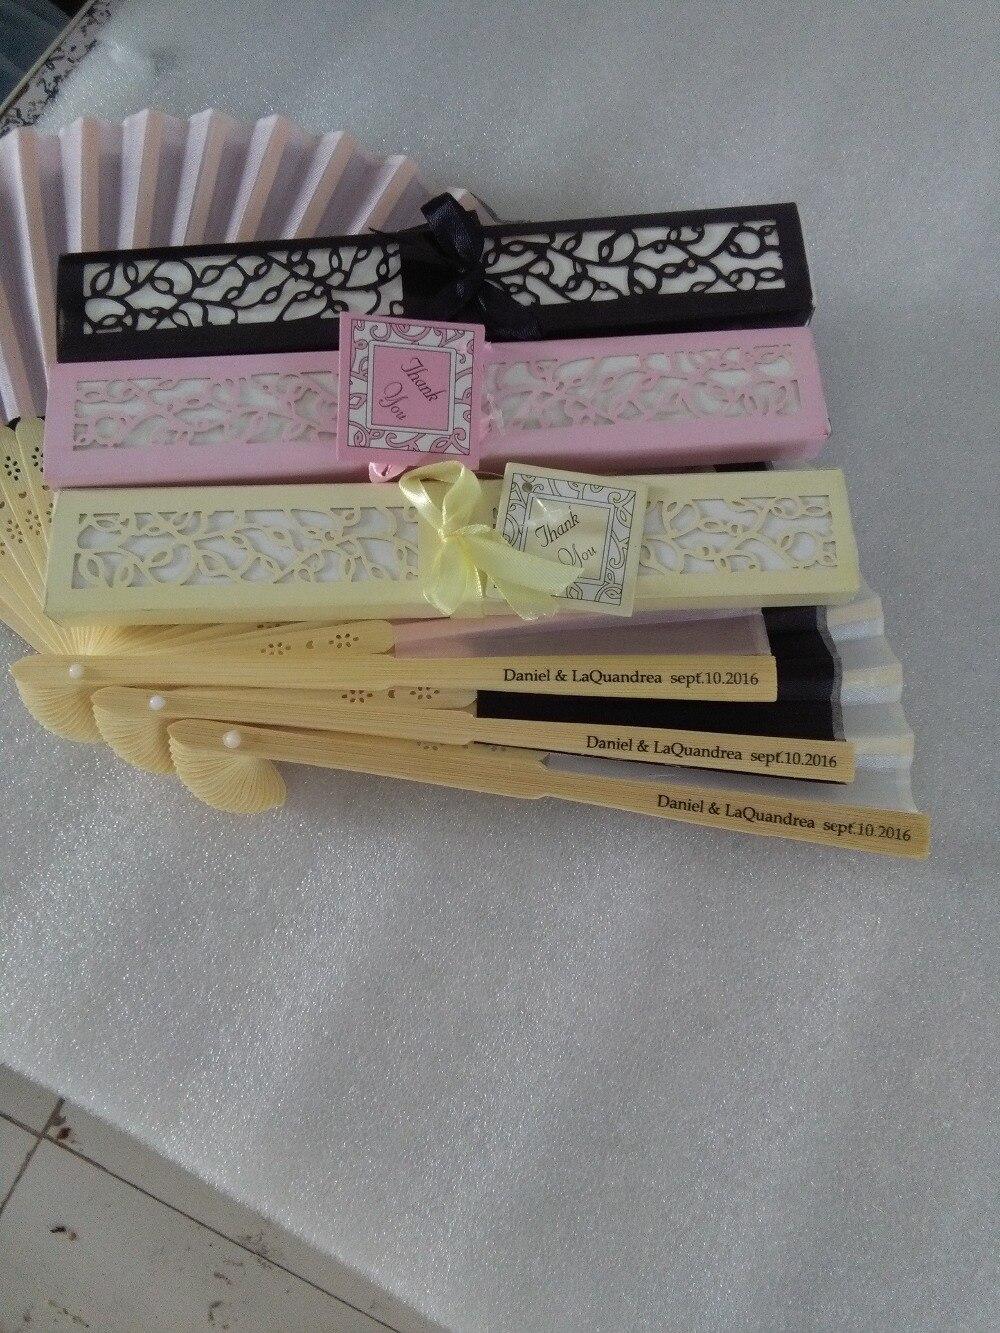 50 stks/partij Gepersonaliseerde Luxe Zijde Fold kant Fan in Elegante Laser Cut Gift Box + Feestartikelen/bruiloft geschenken + afdrukken-in Feest bedankjes van Huis & Tuin op  Groep 3